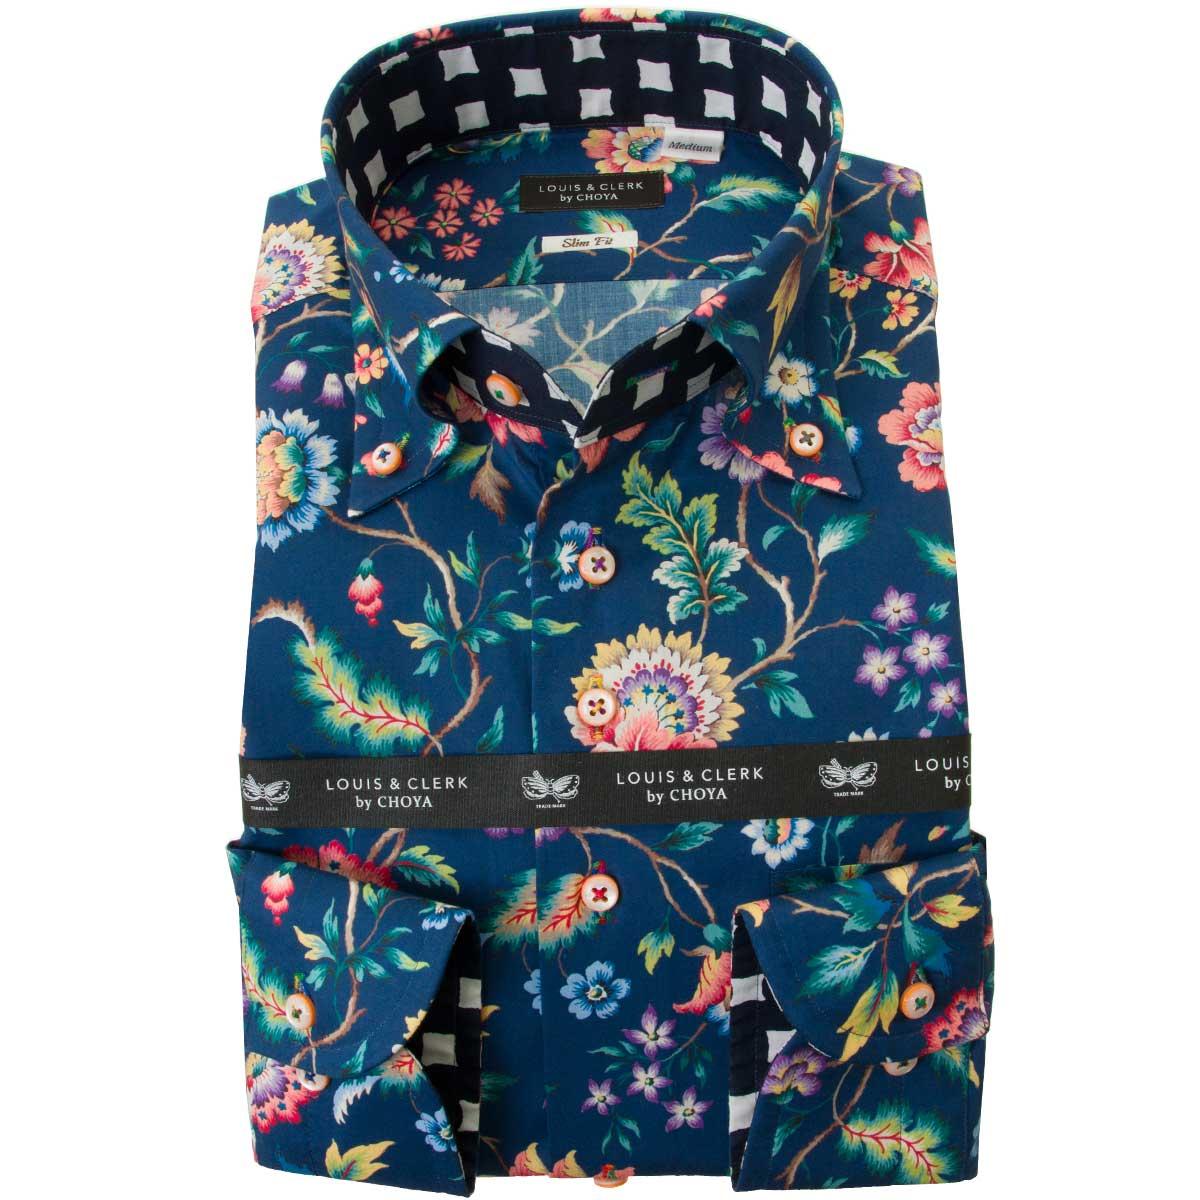 希少 初登場 リバティプリントスリムフィットシャツ ドレスシャツ ワイシャツ シャツ メンズ リバティプリント 国産 長袖 綿100% SALE 2109_rld タナローン スリムフィット エヴァ ベル ボタンダウン OUTLETS